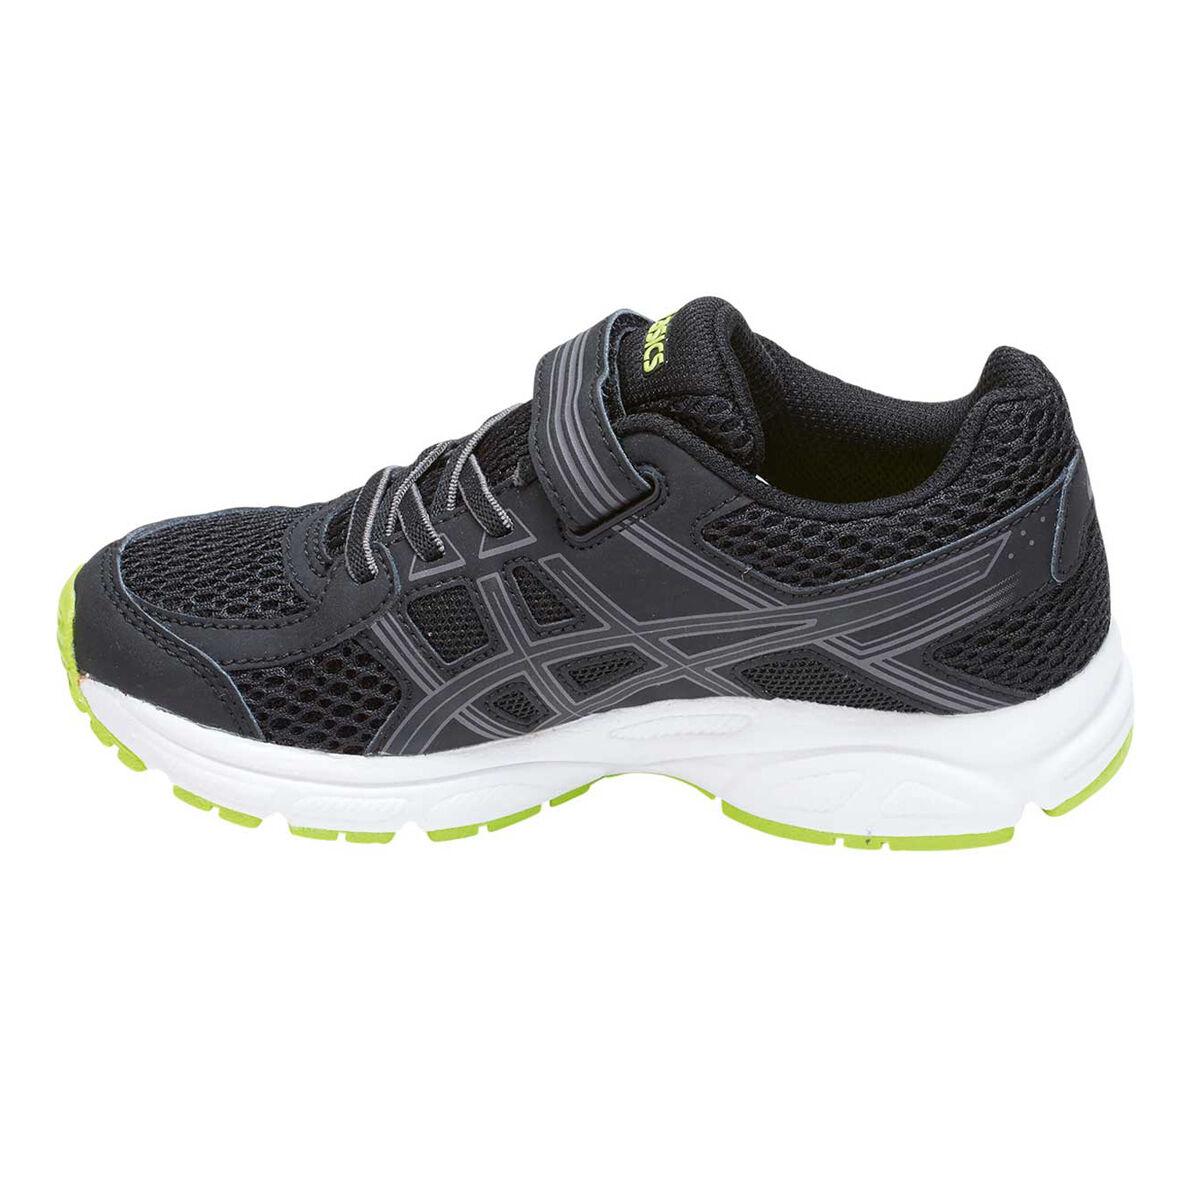 Chaussures US Noir de course Asics Gel Contend 4 Vert Junior Boys Noir/ Vert US 13 51c1c48 - alleyblooz.info